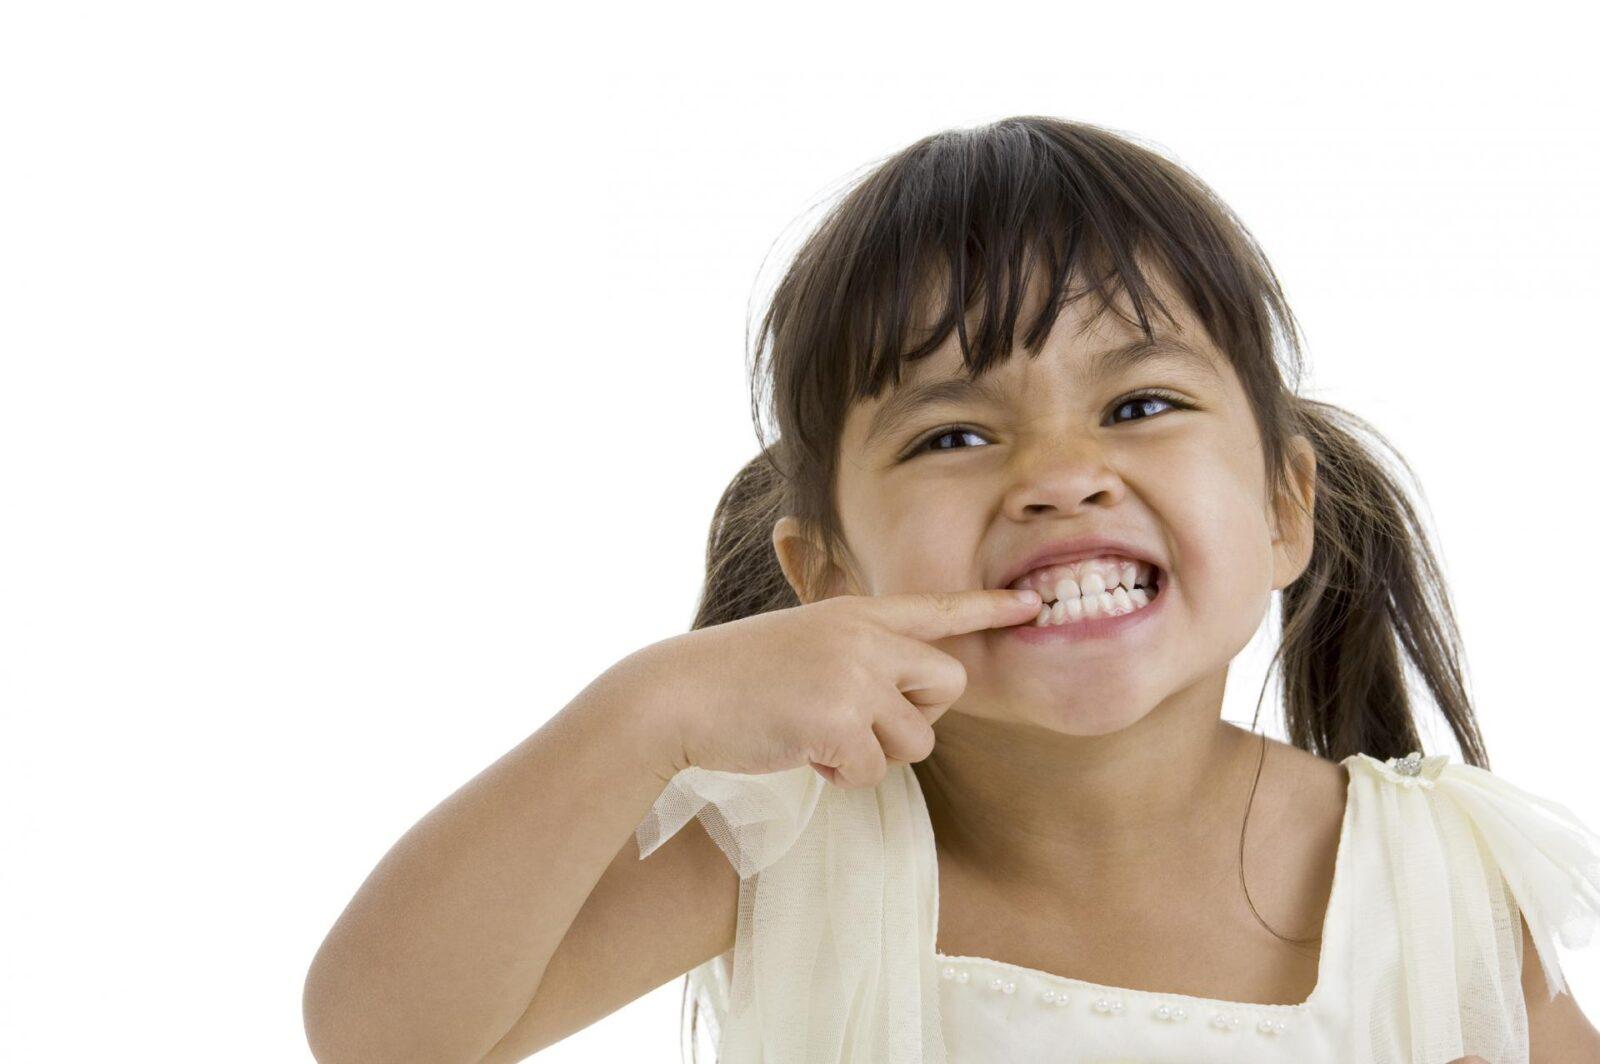 Последствия бруксизма связаны со стоматологией, хотя страдают и другие системы организма, в зависимости от того, где была обнаружена патология в виде нарушения нормального функционирования.